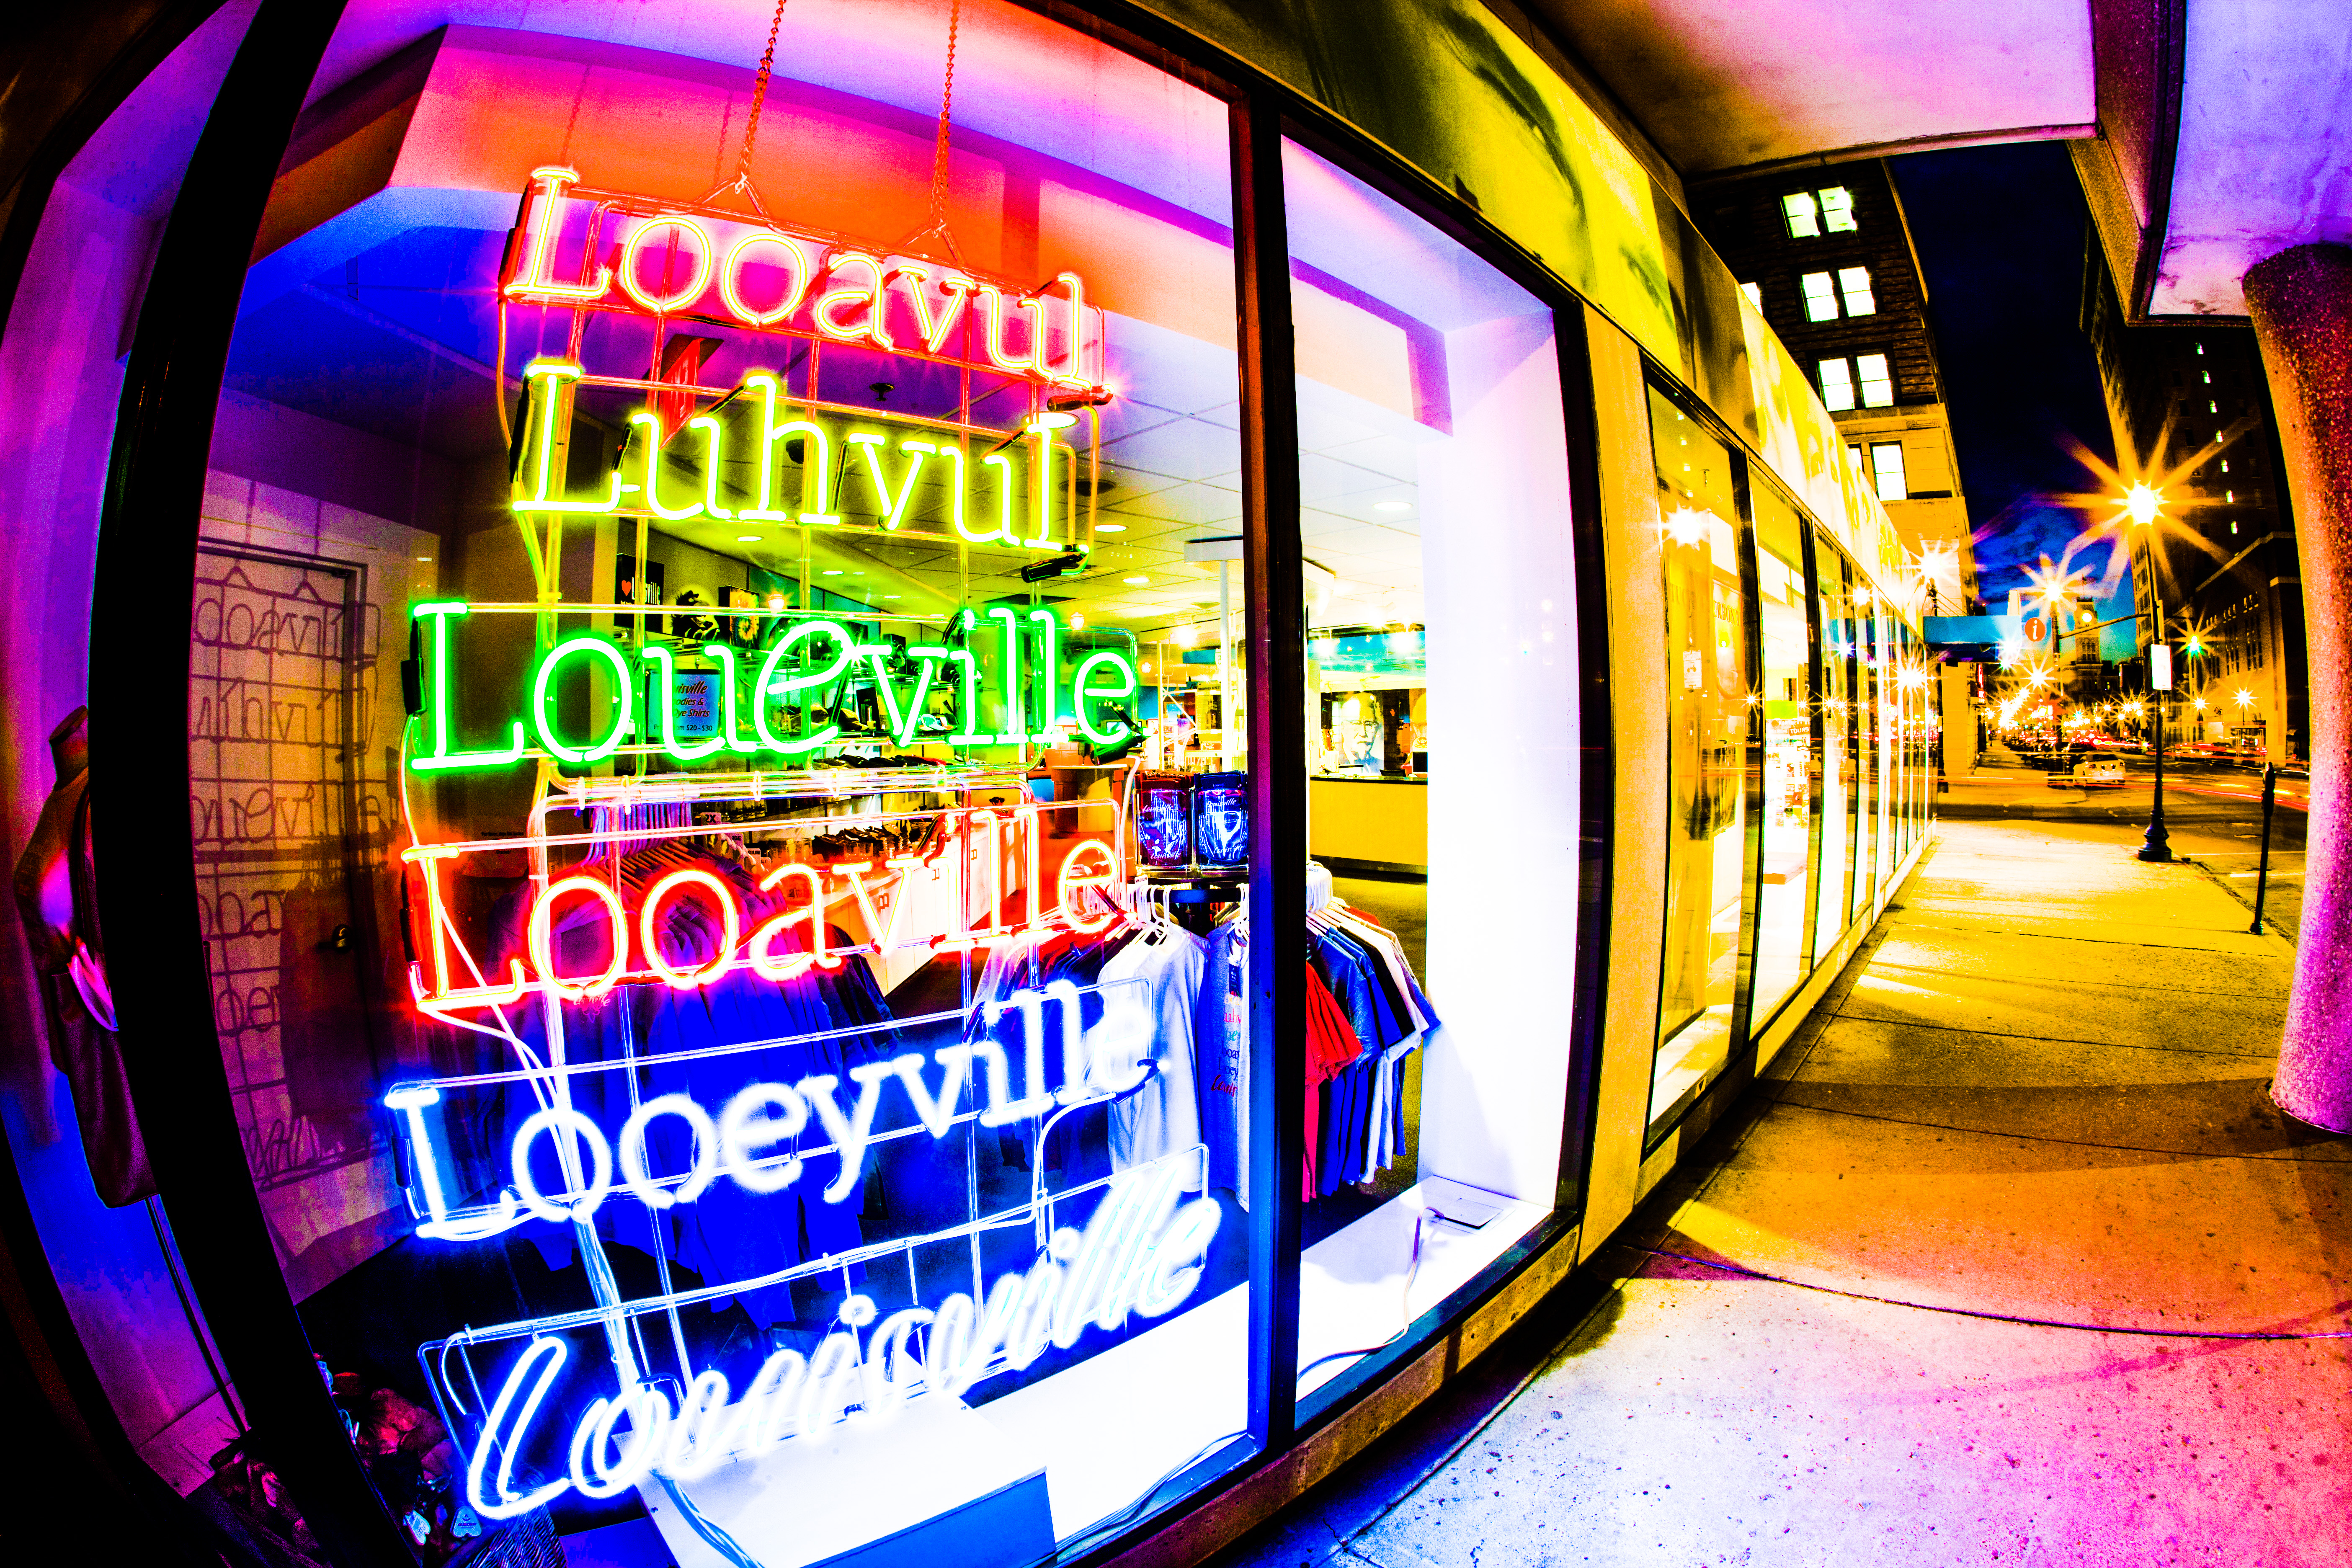 Looavul Luhvul Loueville Looaville Looeyville Louisville